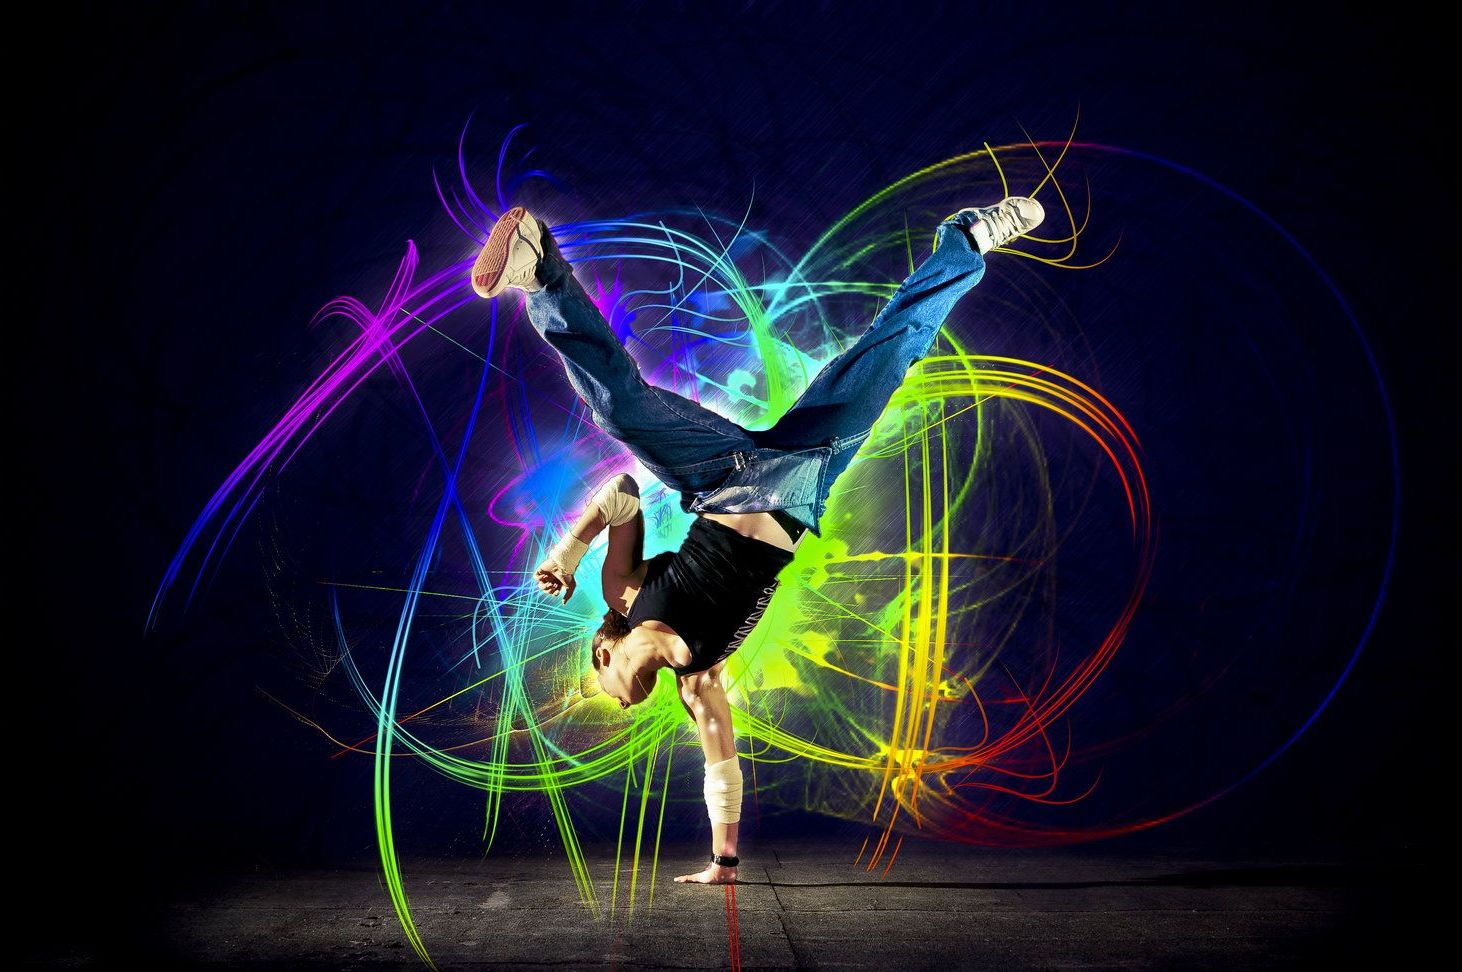 ширмы яркие картинки с танцами большей части